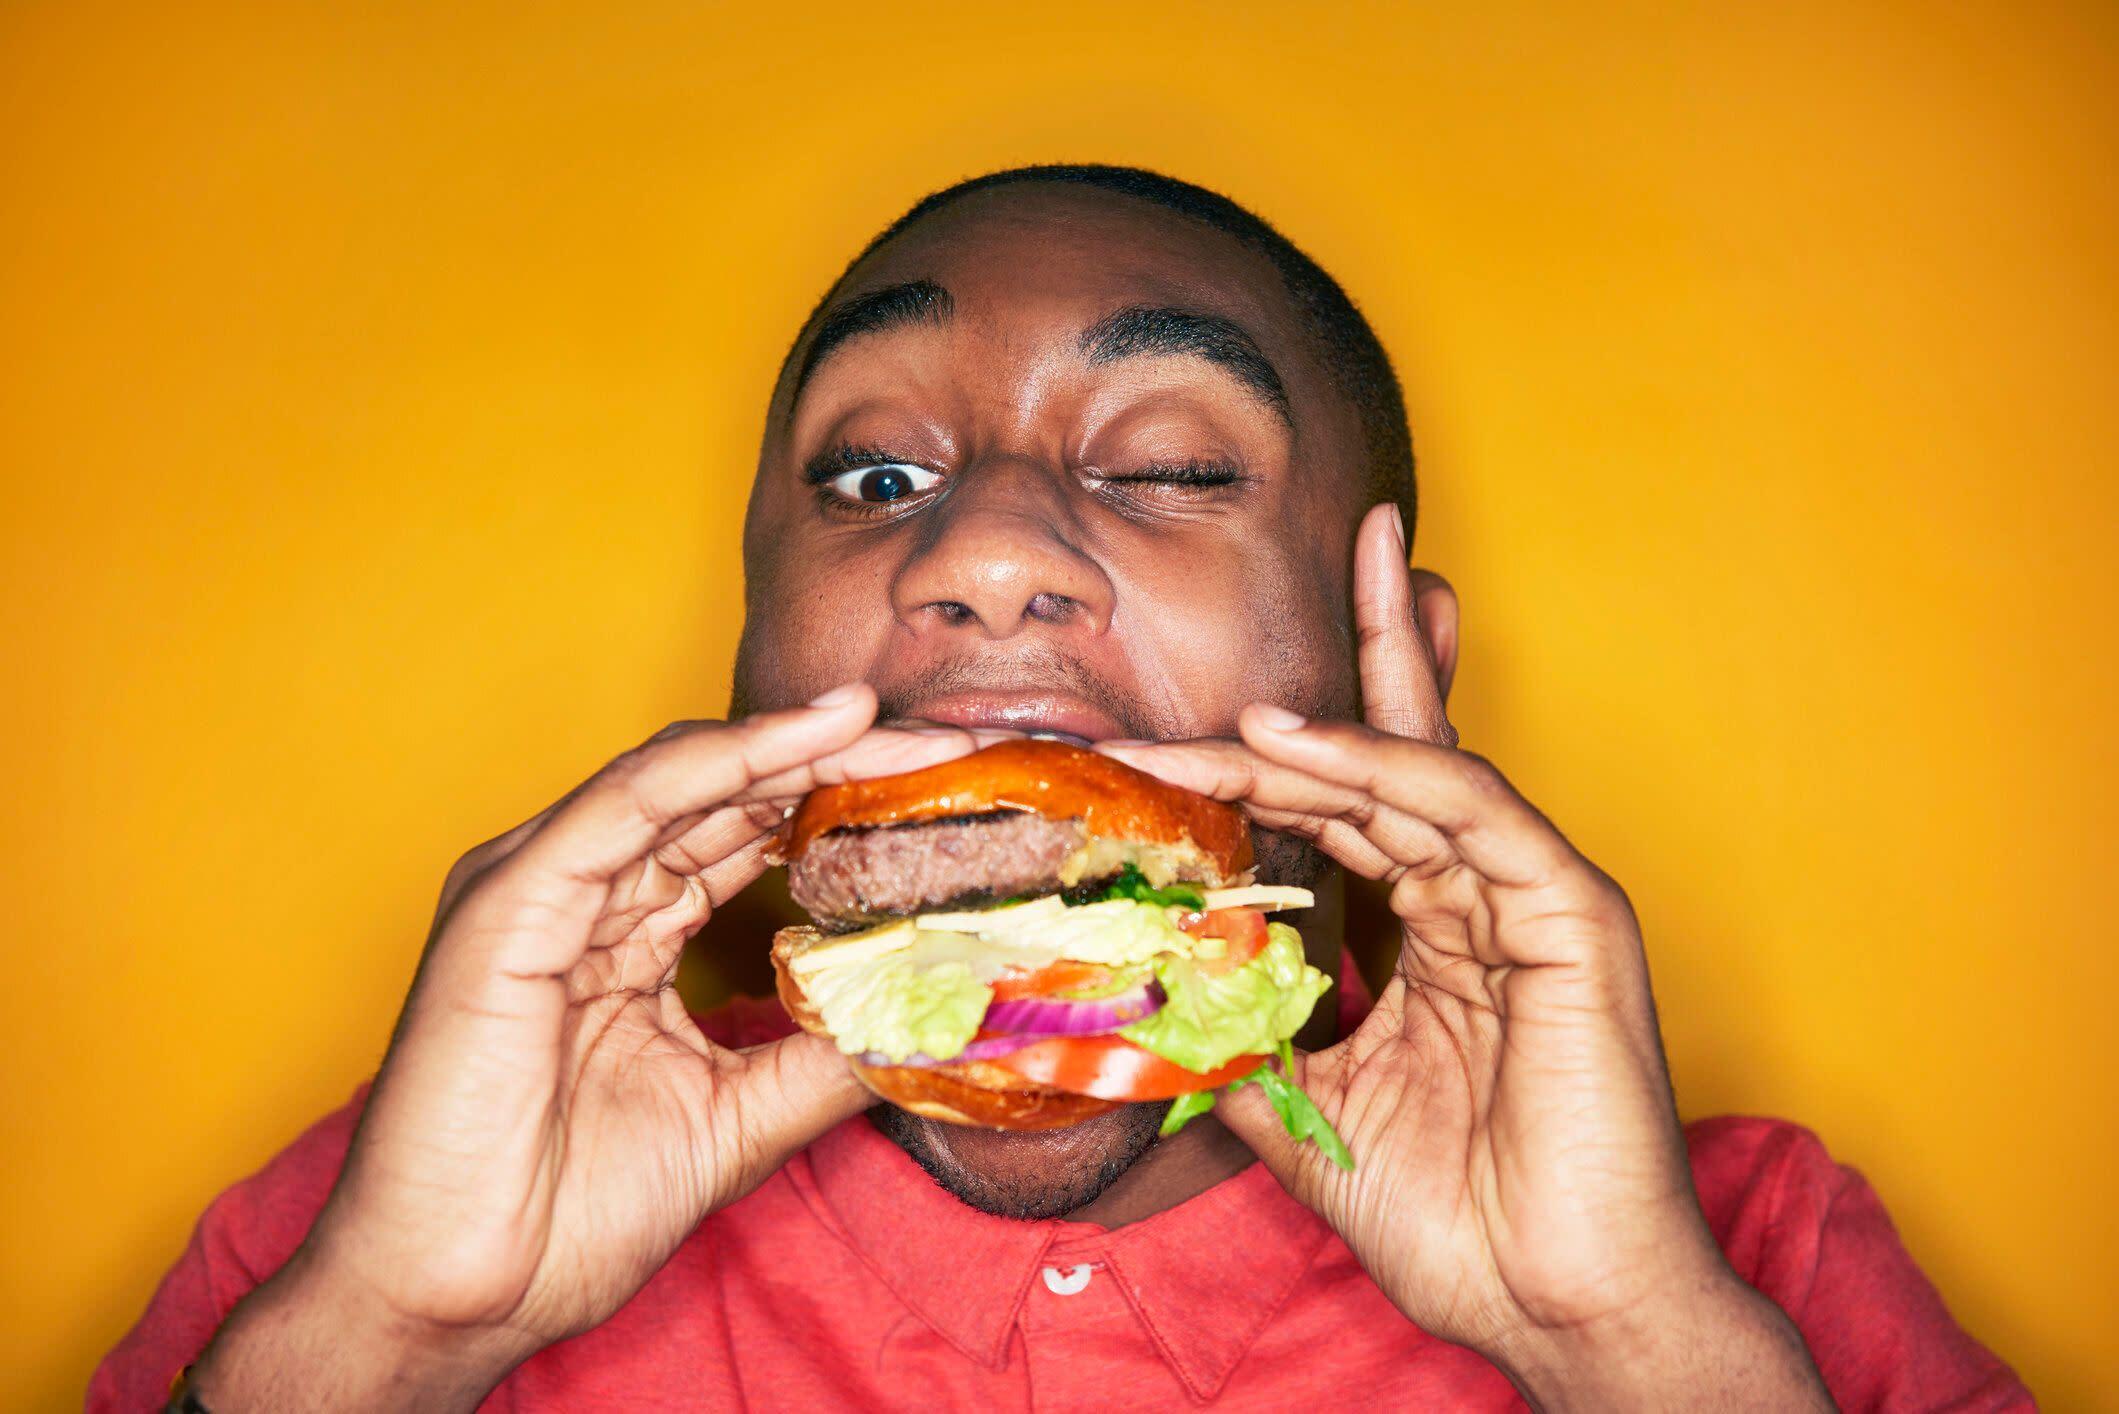 Australian Tax Office wanted a 'burger tax'